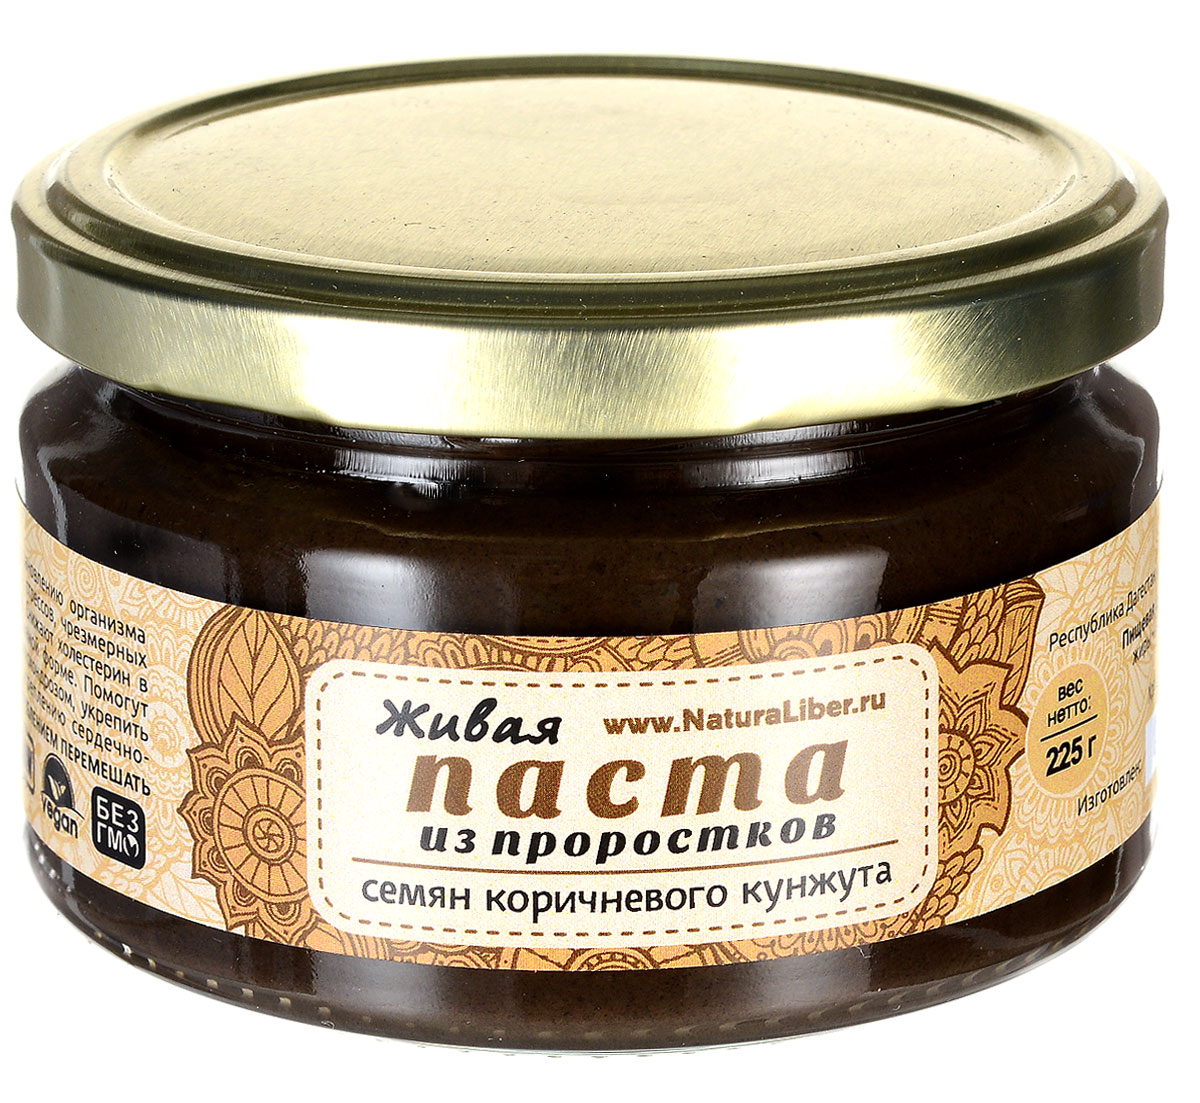 NaturaLiber паста из проростков семян коричневого кунжута, 225 г